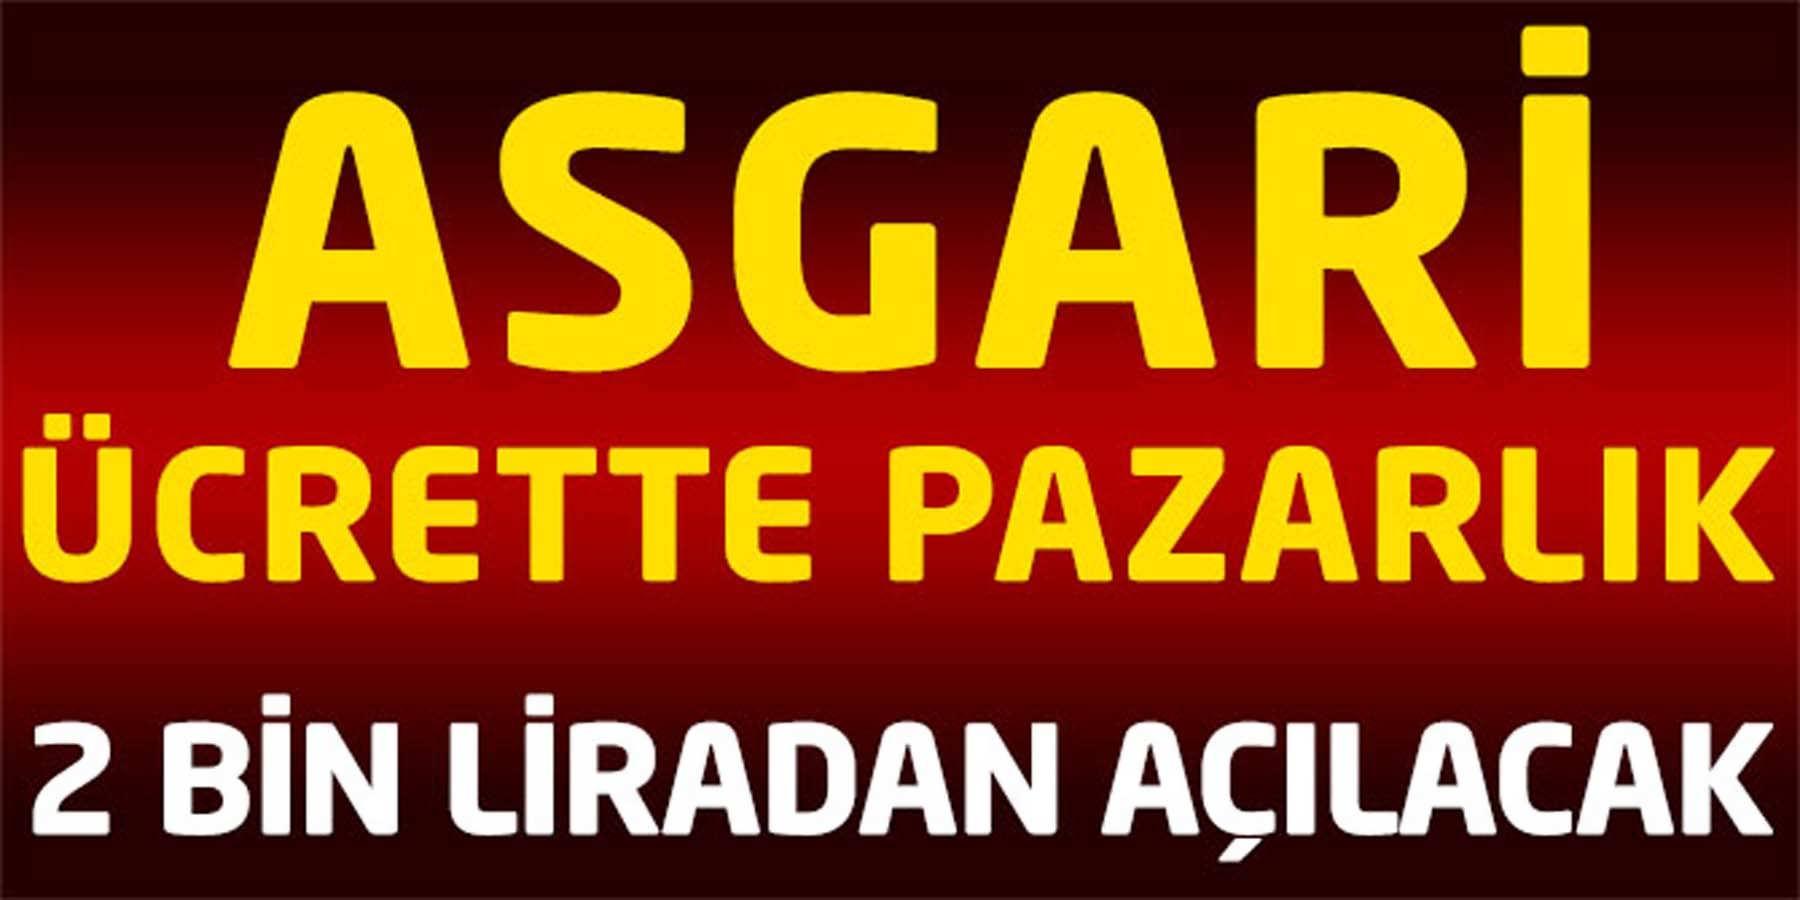 Asgari Ücrette Pazarlık 2 Bin Liradan Açılacak